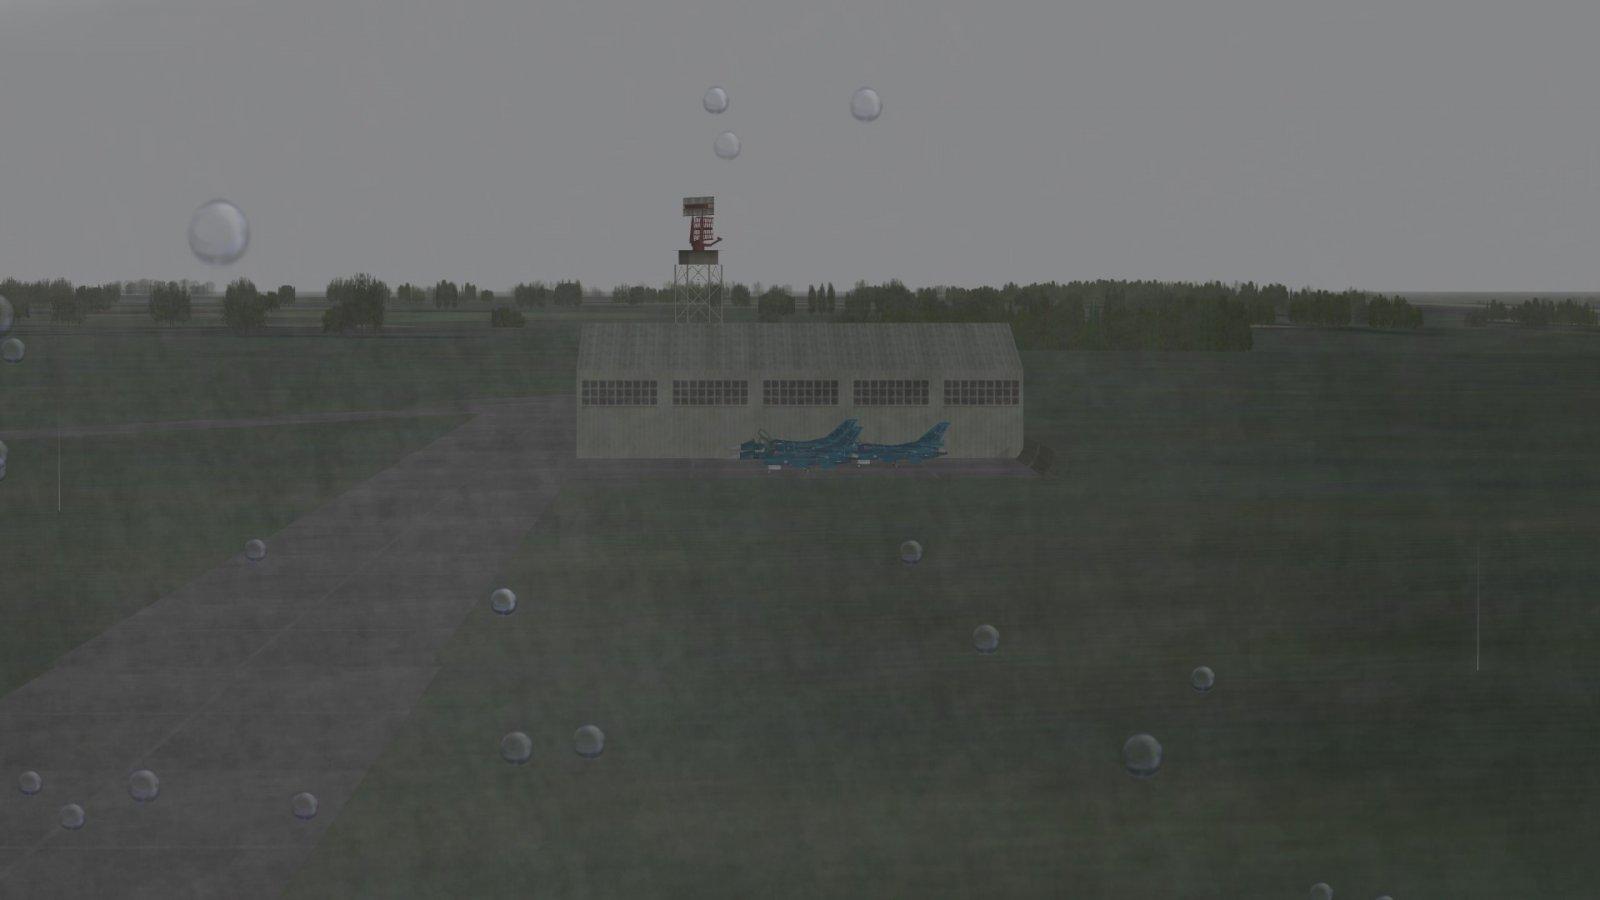 F-2As by a Hangar